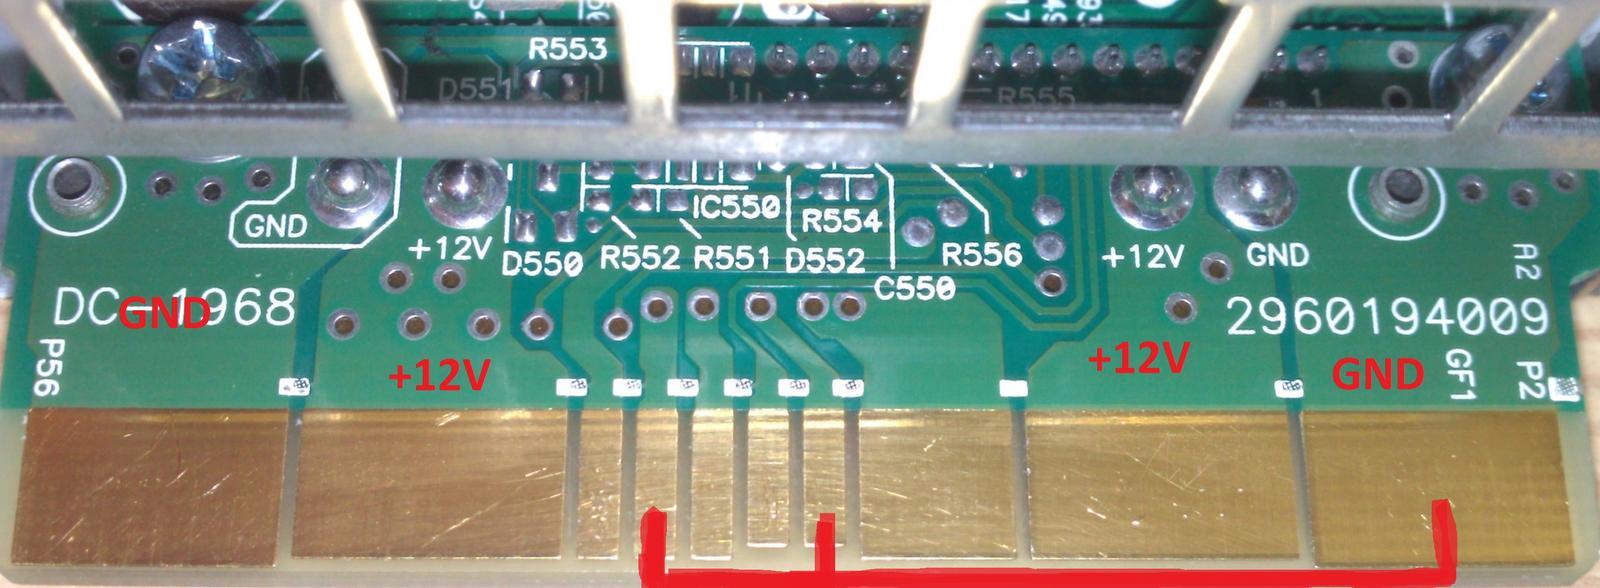 PCB-700GB-TOP.jpg